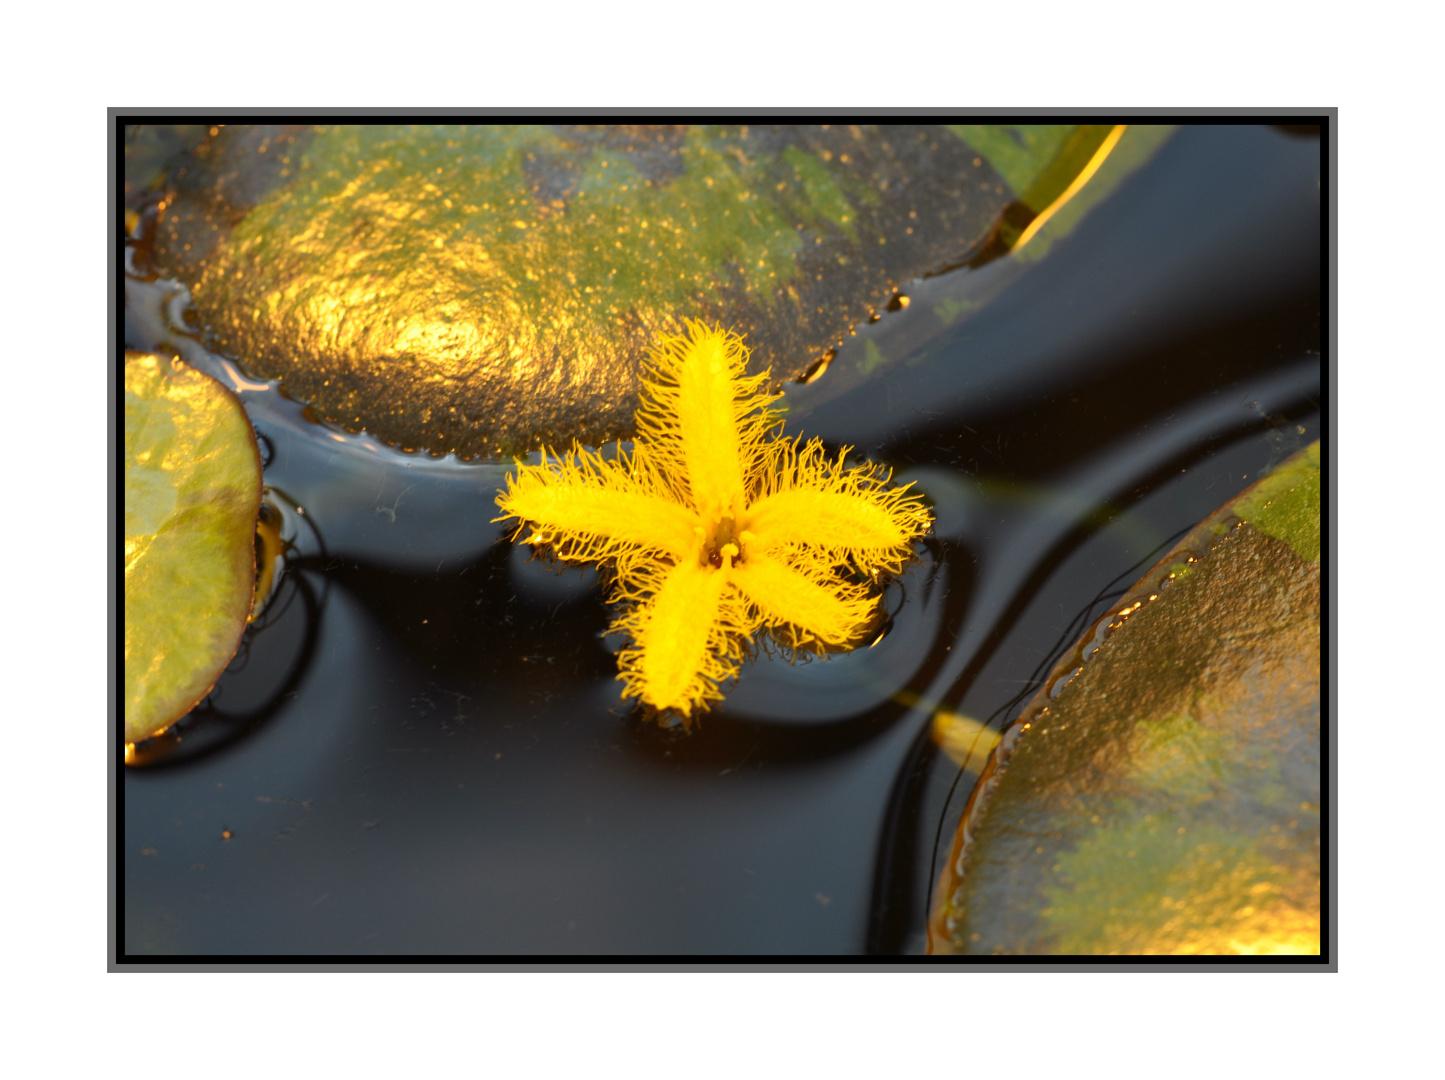 Blütenpoesie in gelb/gold schimmernd